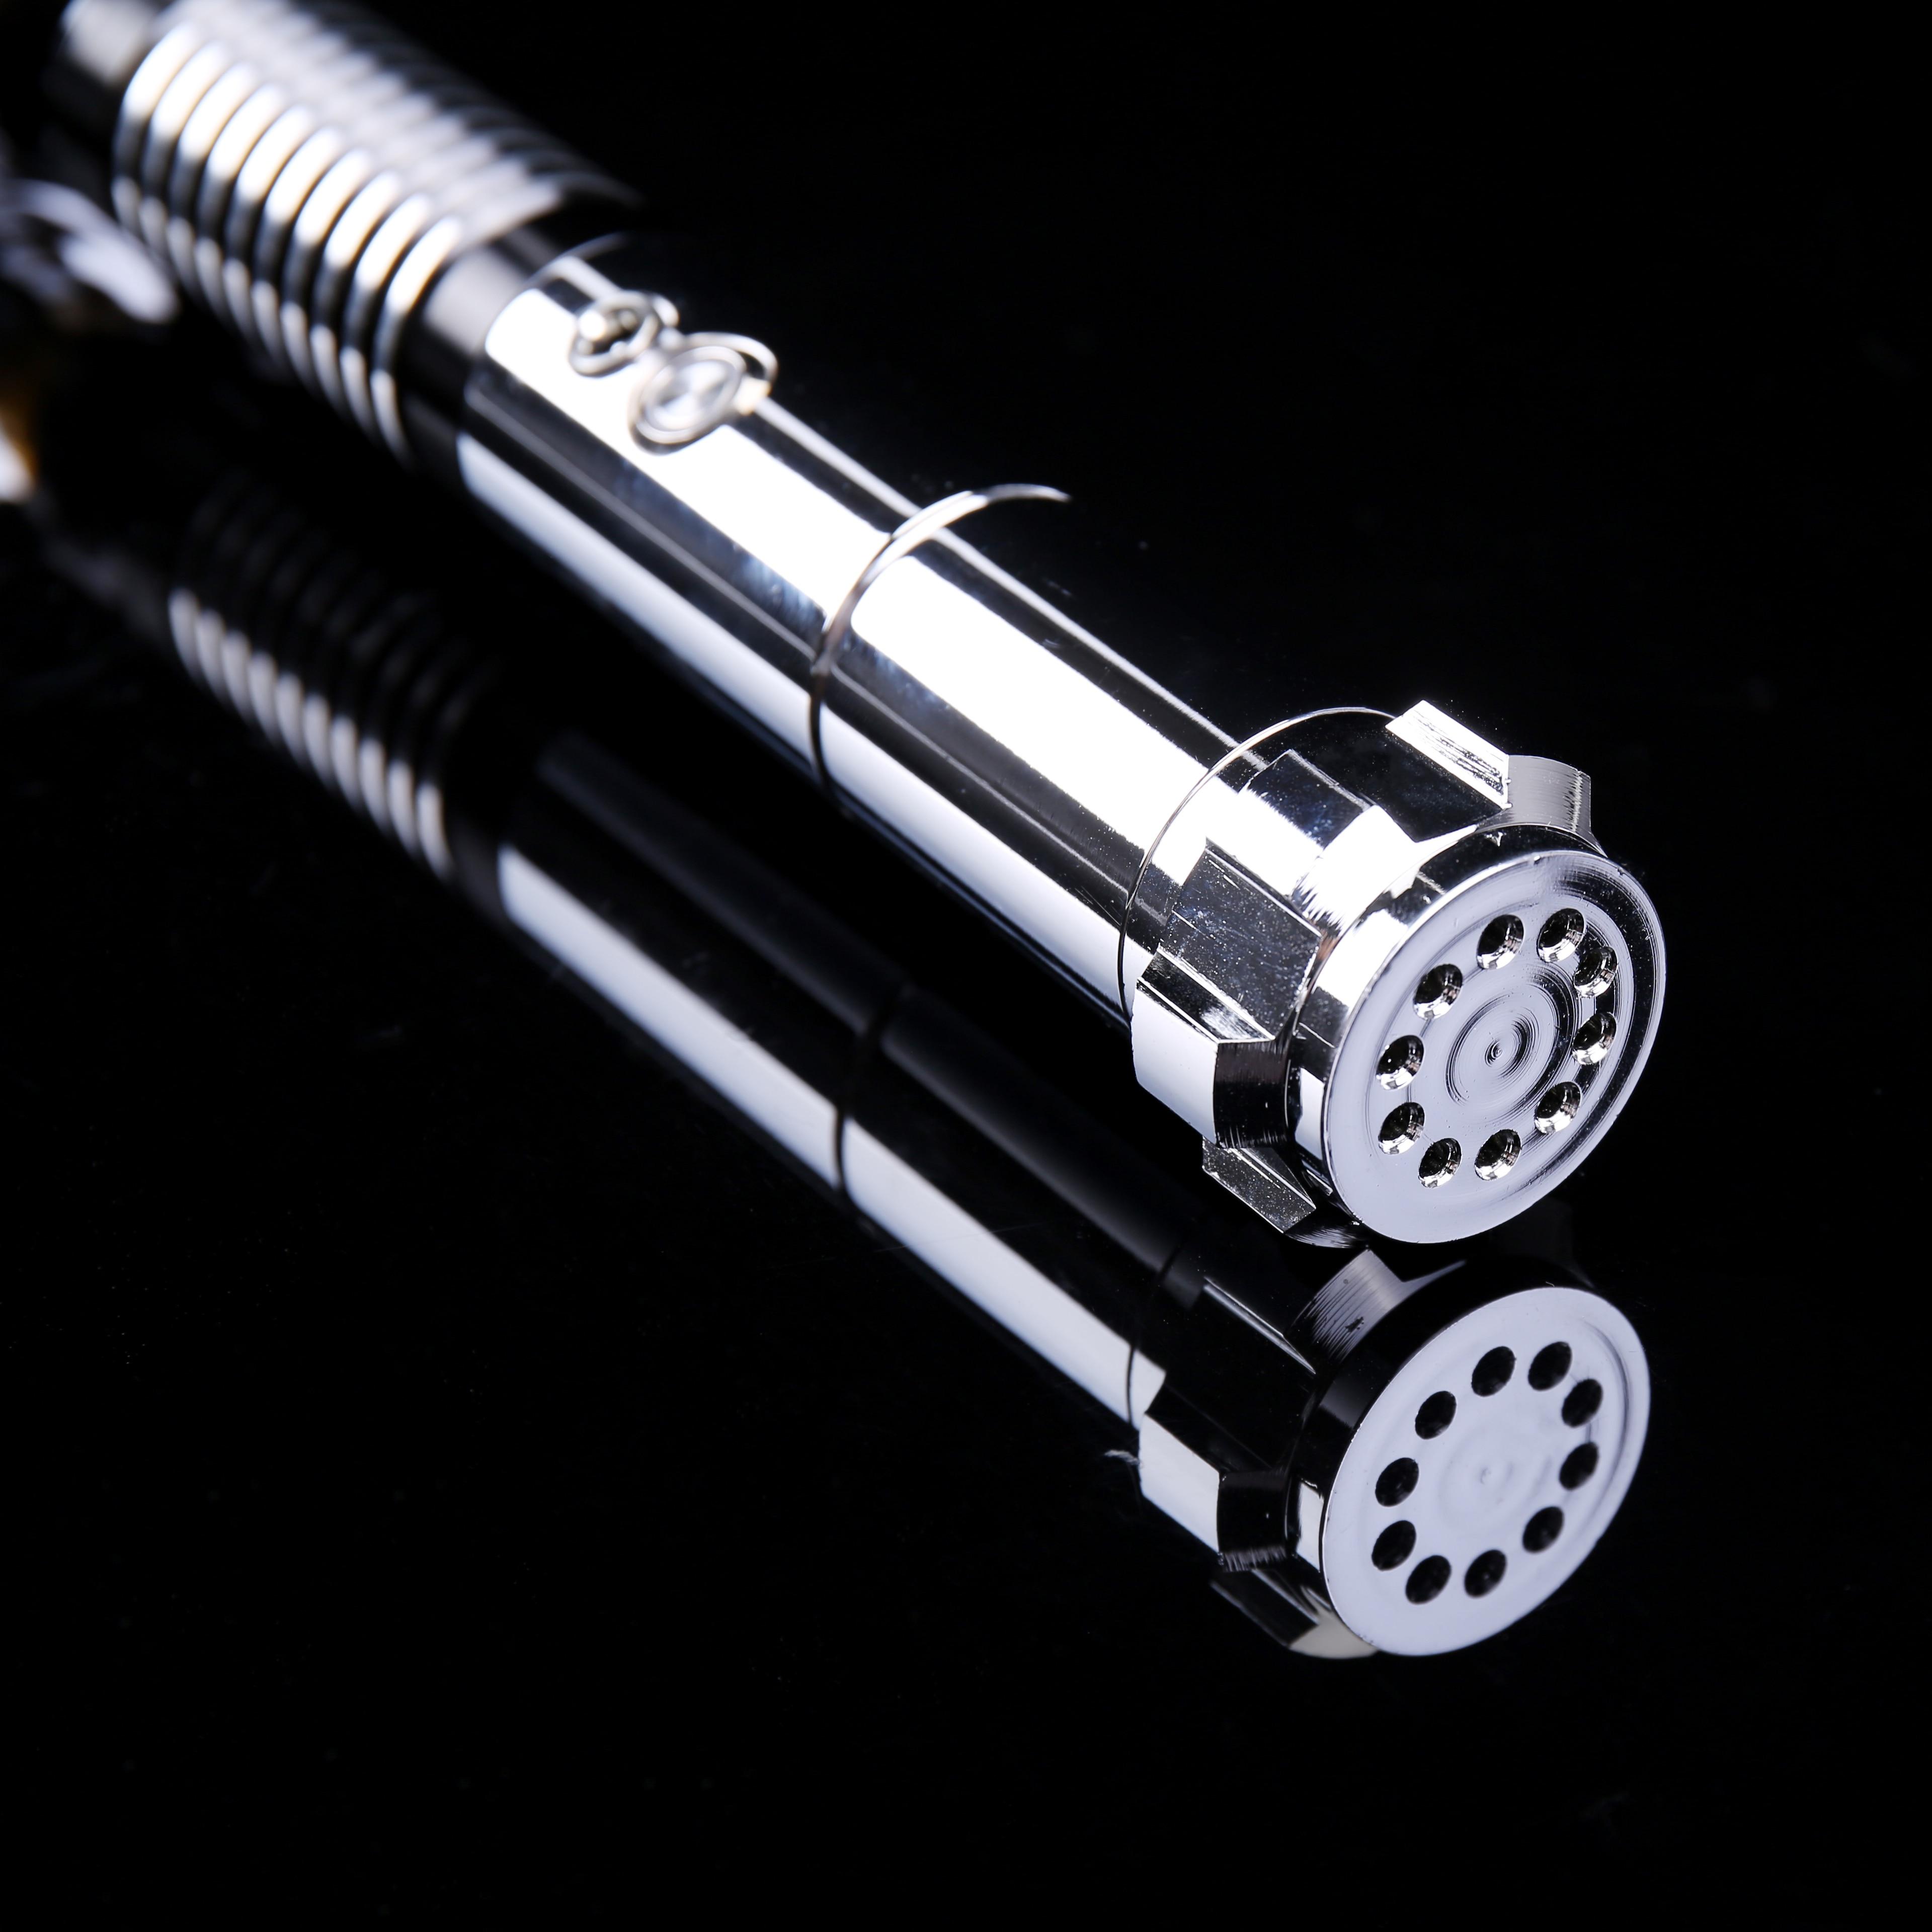 RGB Luke Lightsaber para Skywalker Sound Fonts y cambio de Color de 1 pulgada de diámetro-sólo Hilt - 4